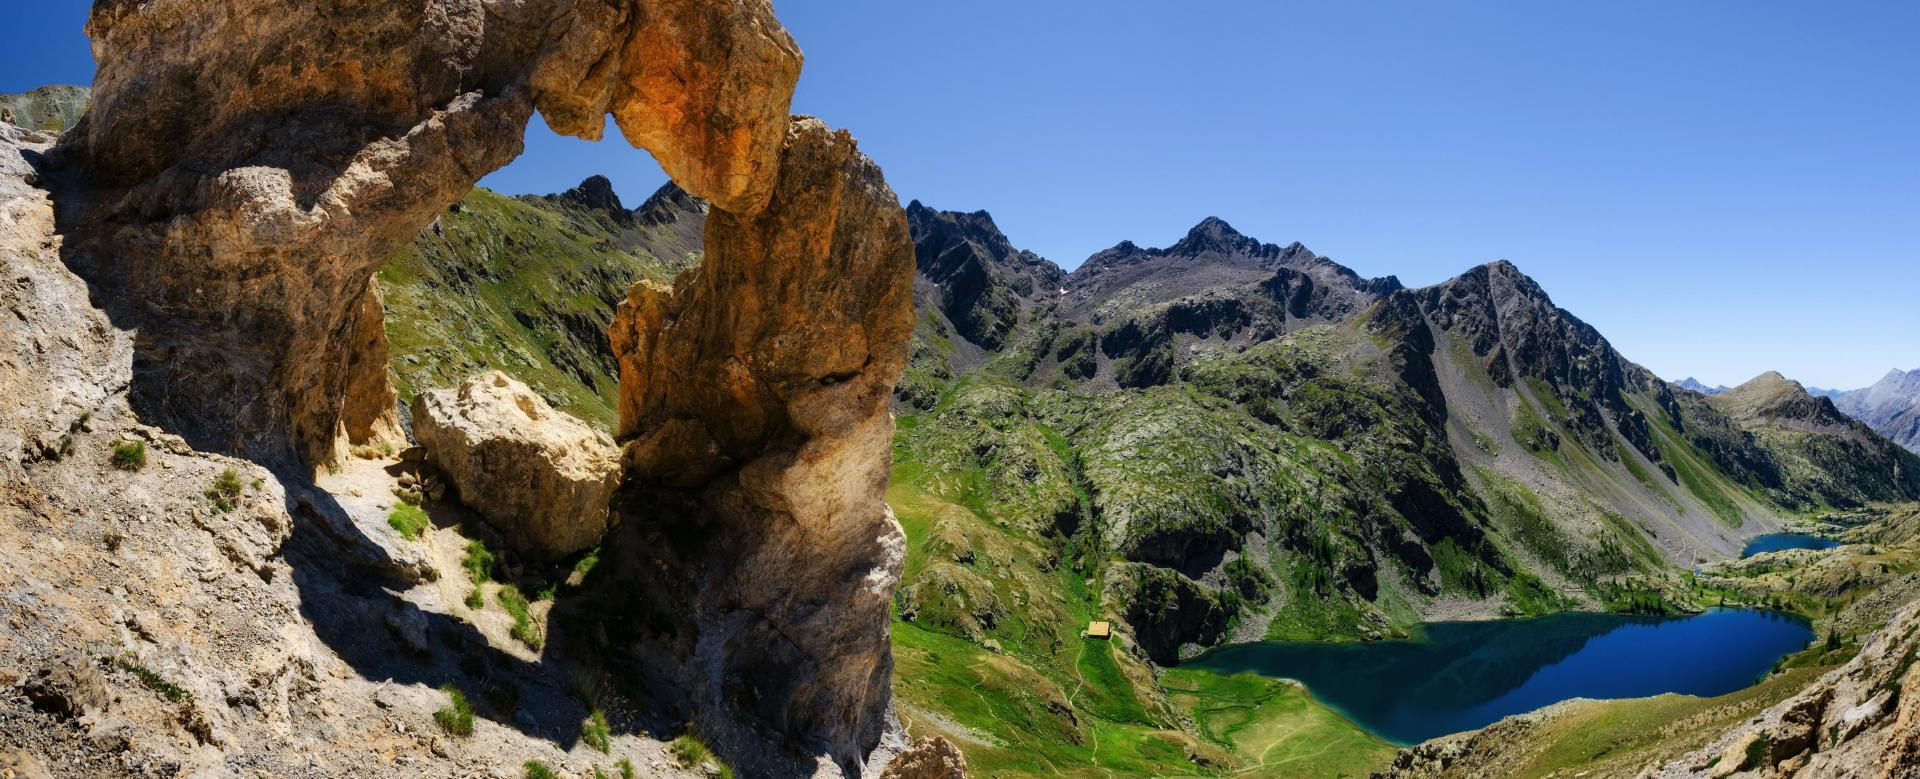 Voyage à pied France : Les plus beaux lacs de l'argentera